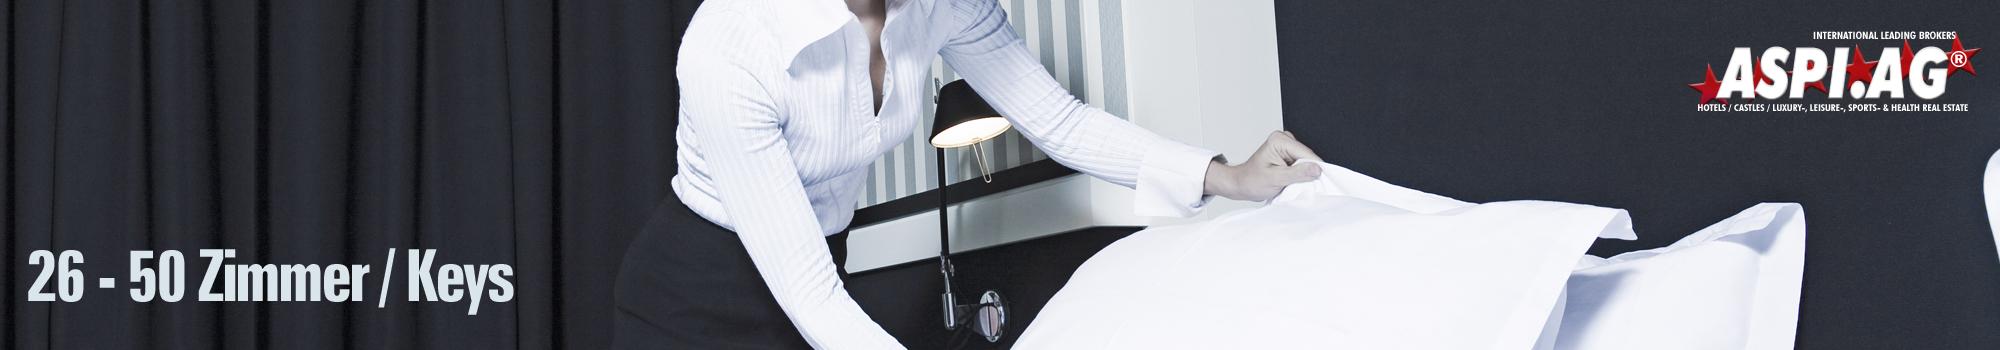 Hotels up to 50 keys rooms for sale international Hotelbroker ASP